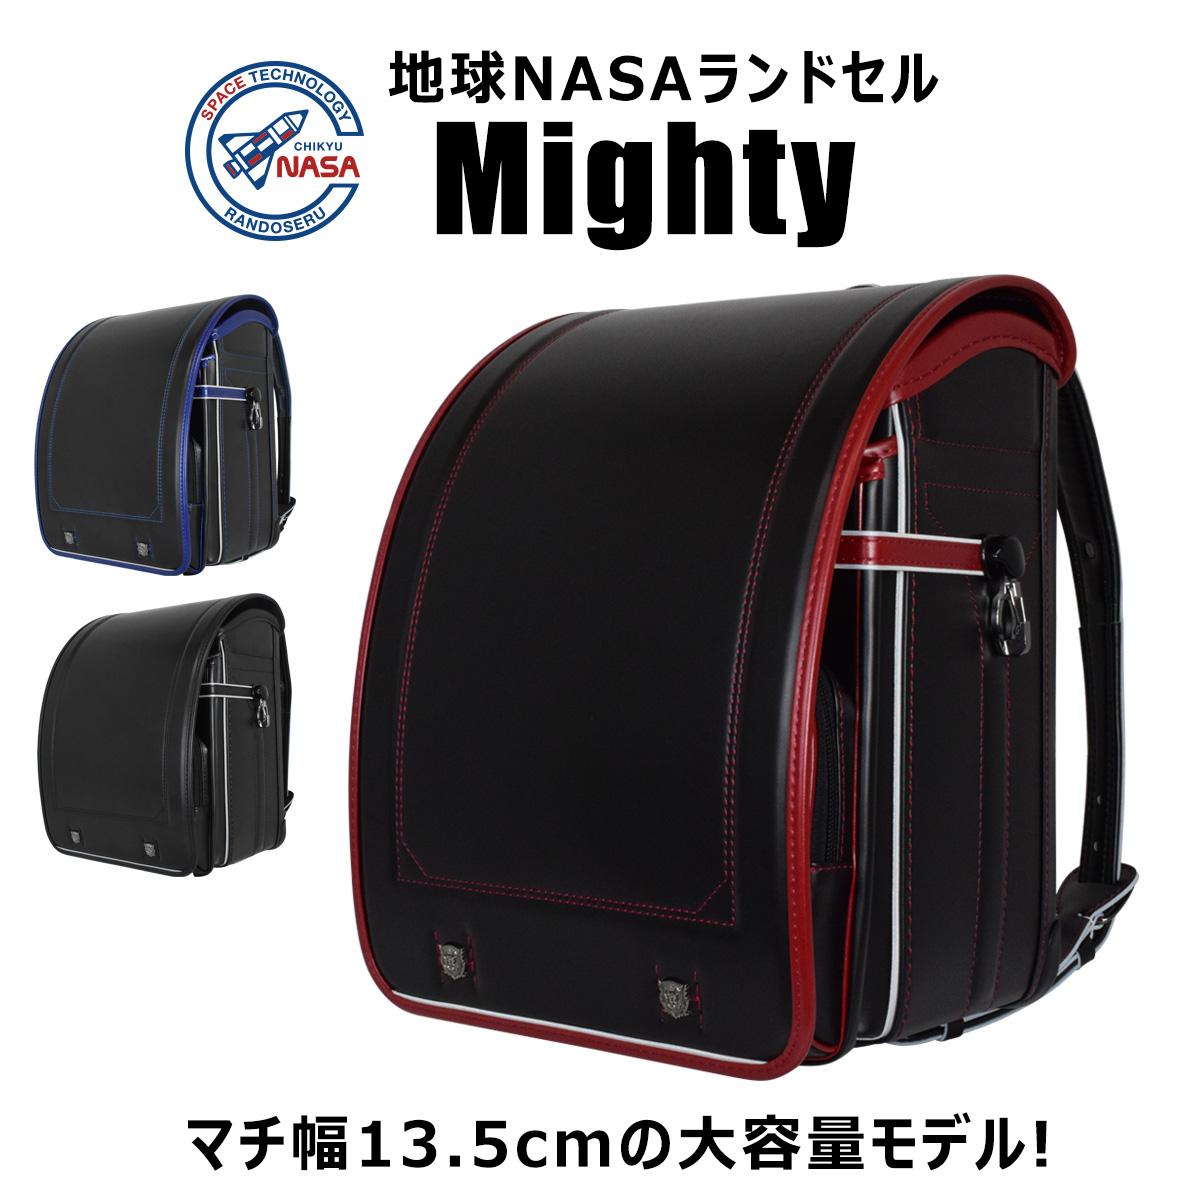 地球NASAランドセル mighty(マイティ)【池田地球】【男の子】【ご入学】【おしゃれ】【地球NASA】【ラン活】【大容量】